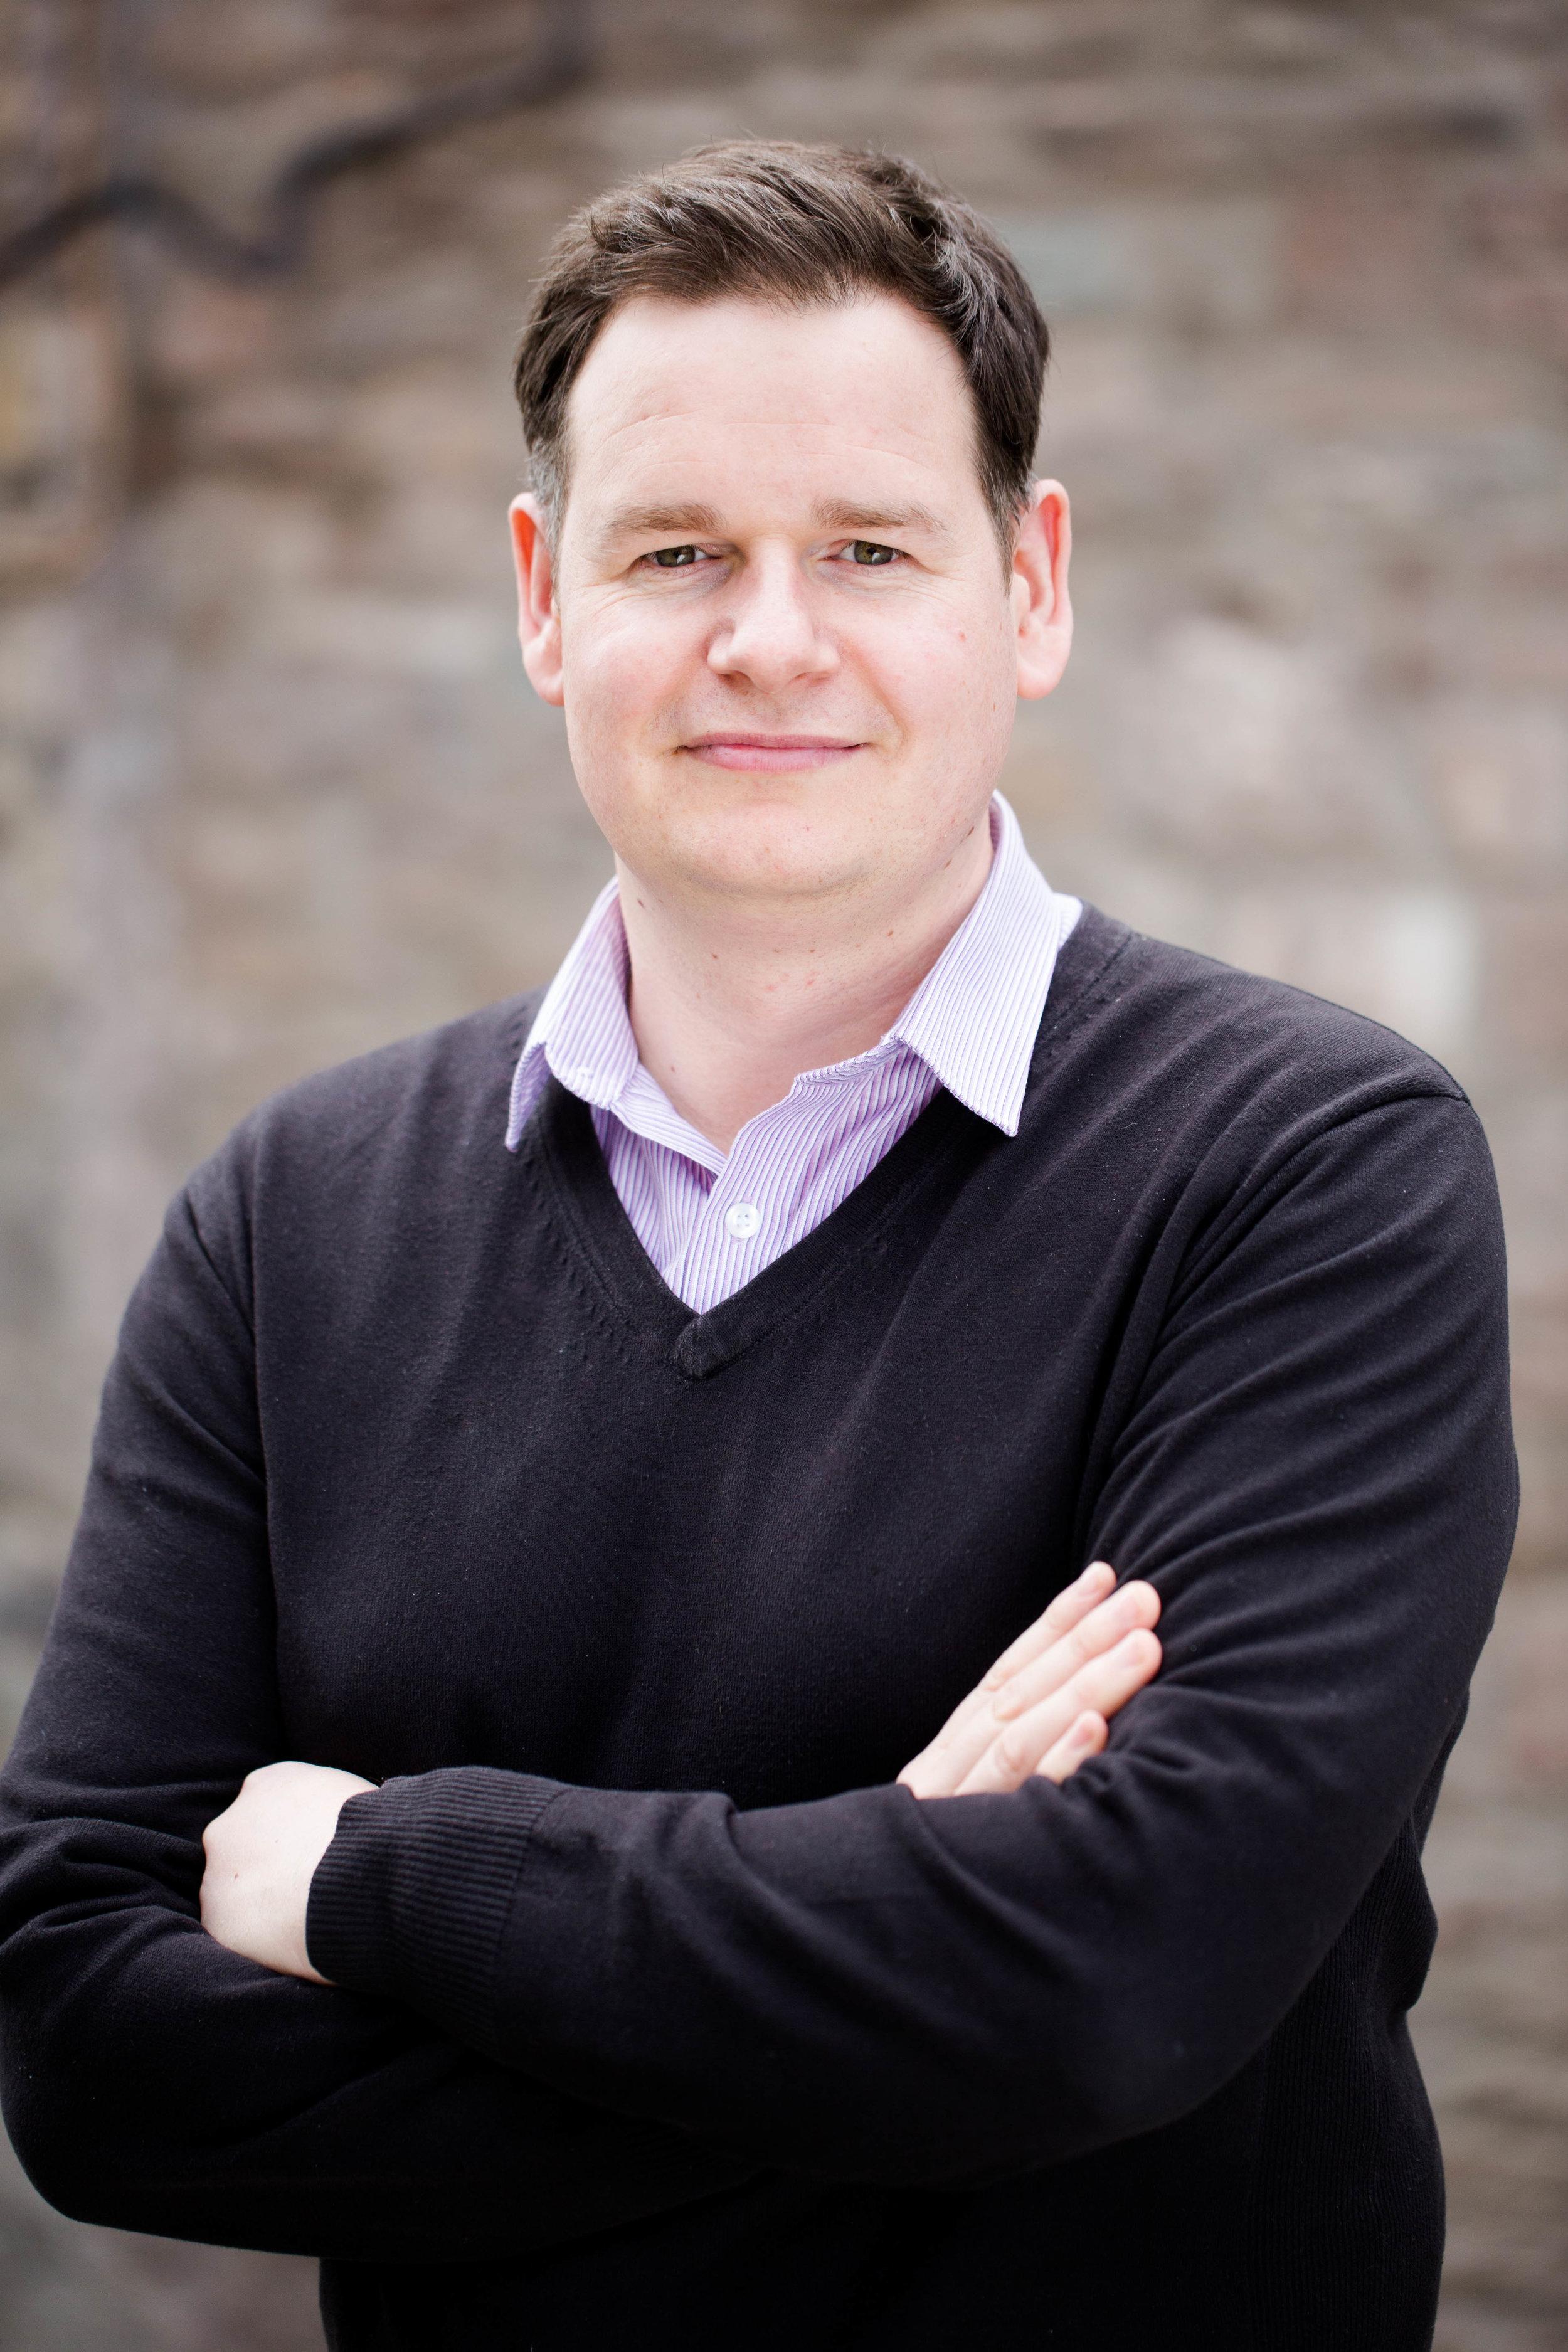 Elwyn Davies founded PixelHaze in March 2015